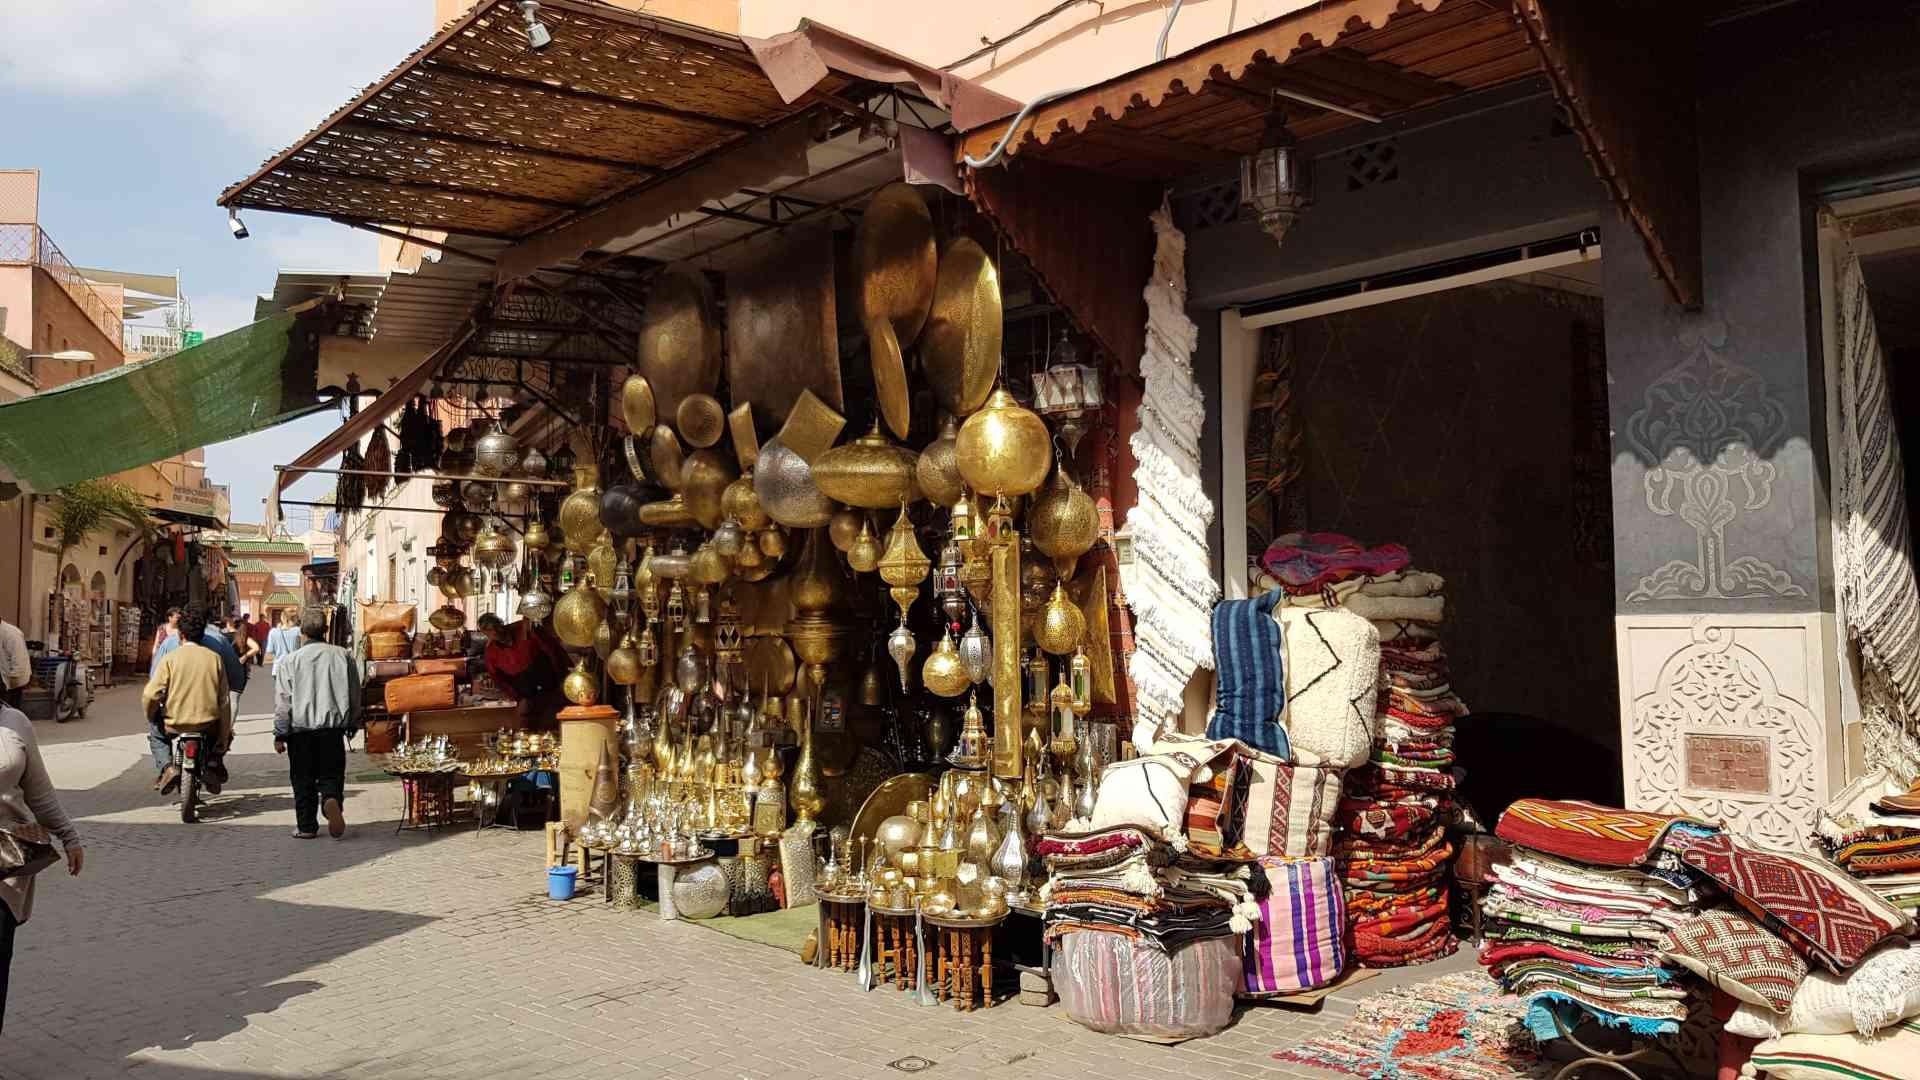 Marrakech, Morocco by Dennis Bunnik